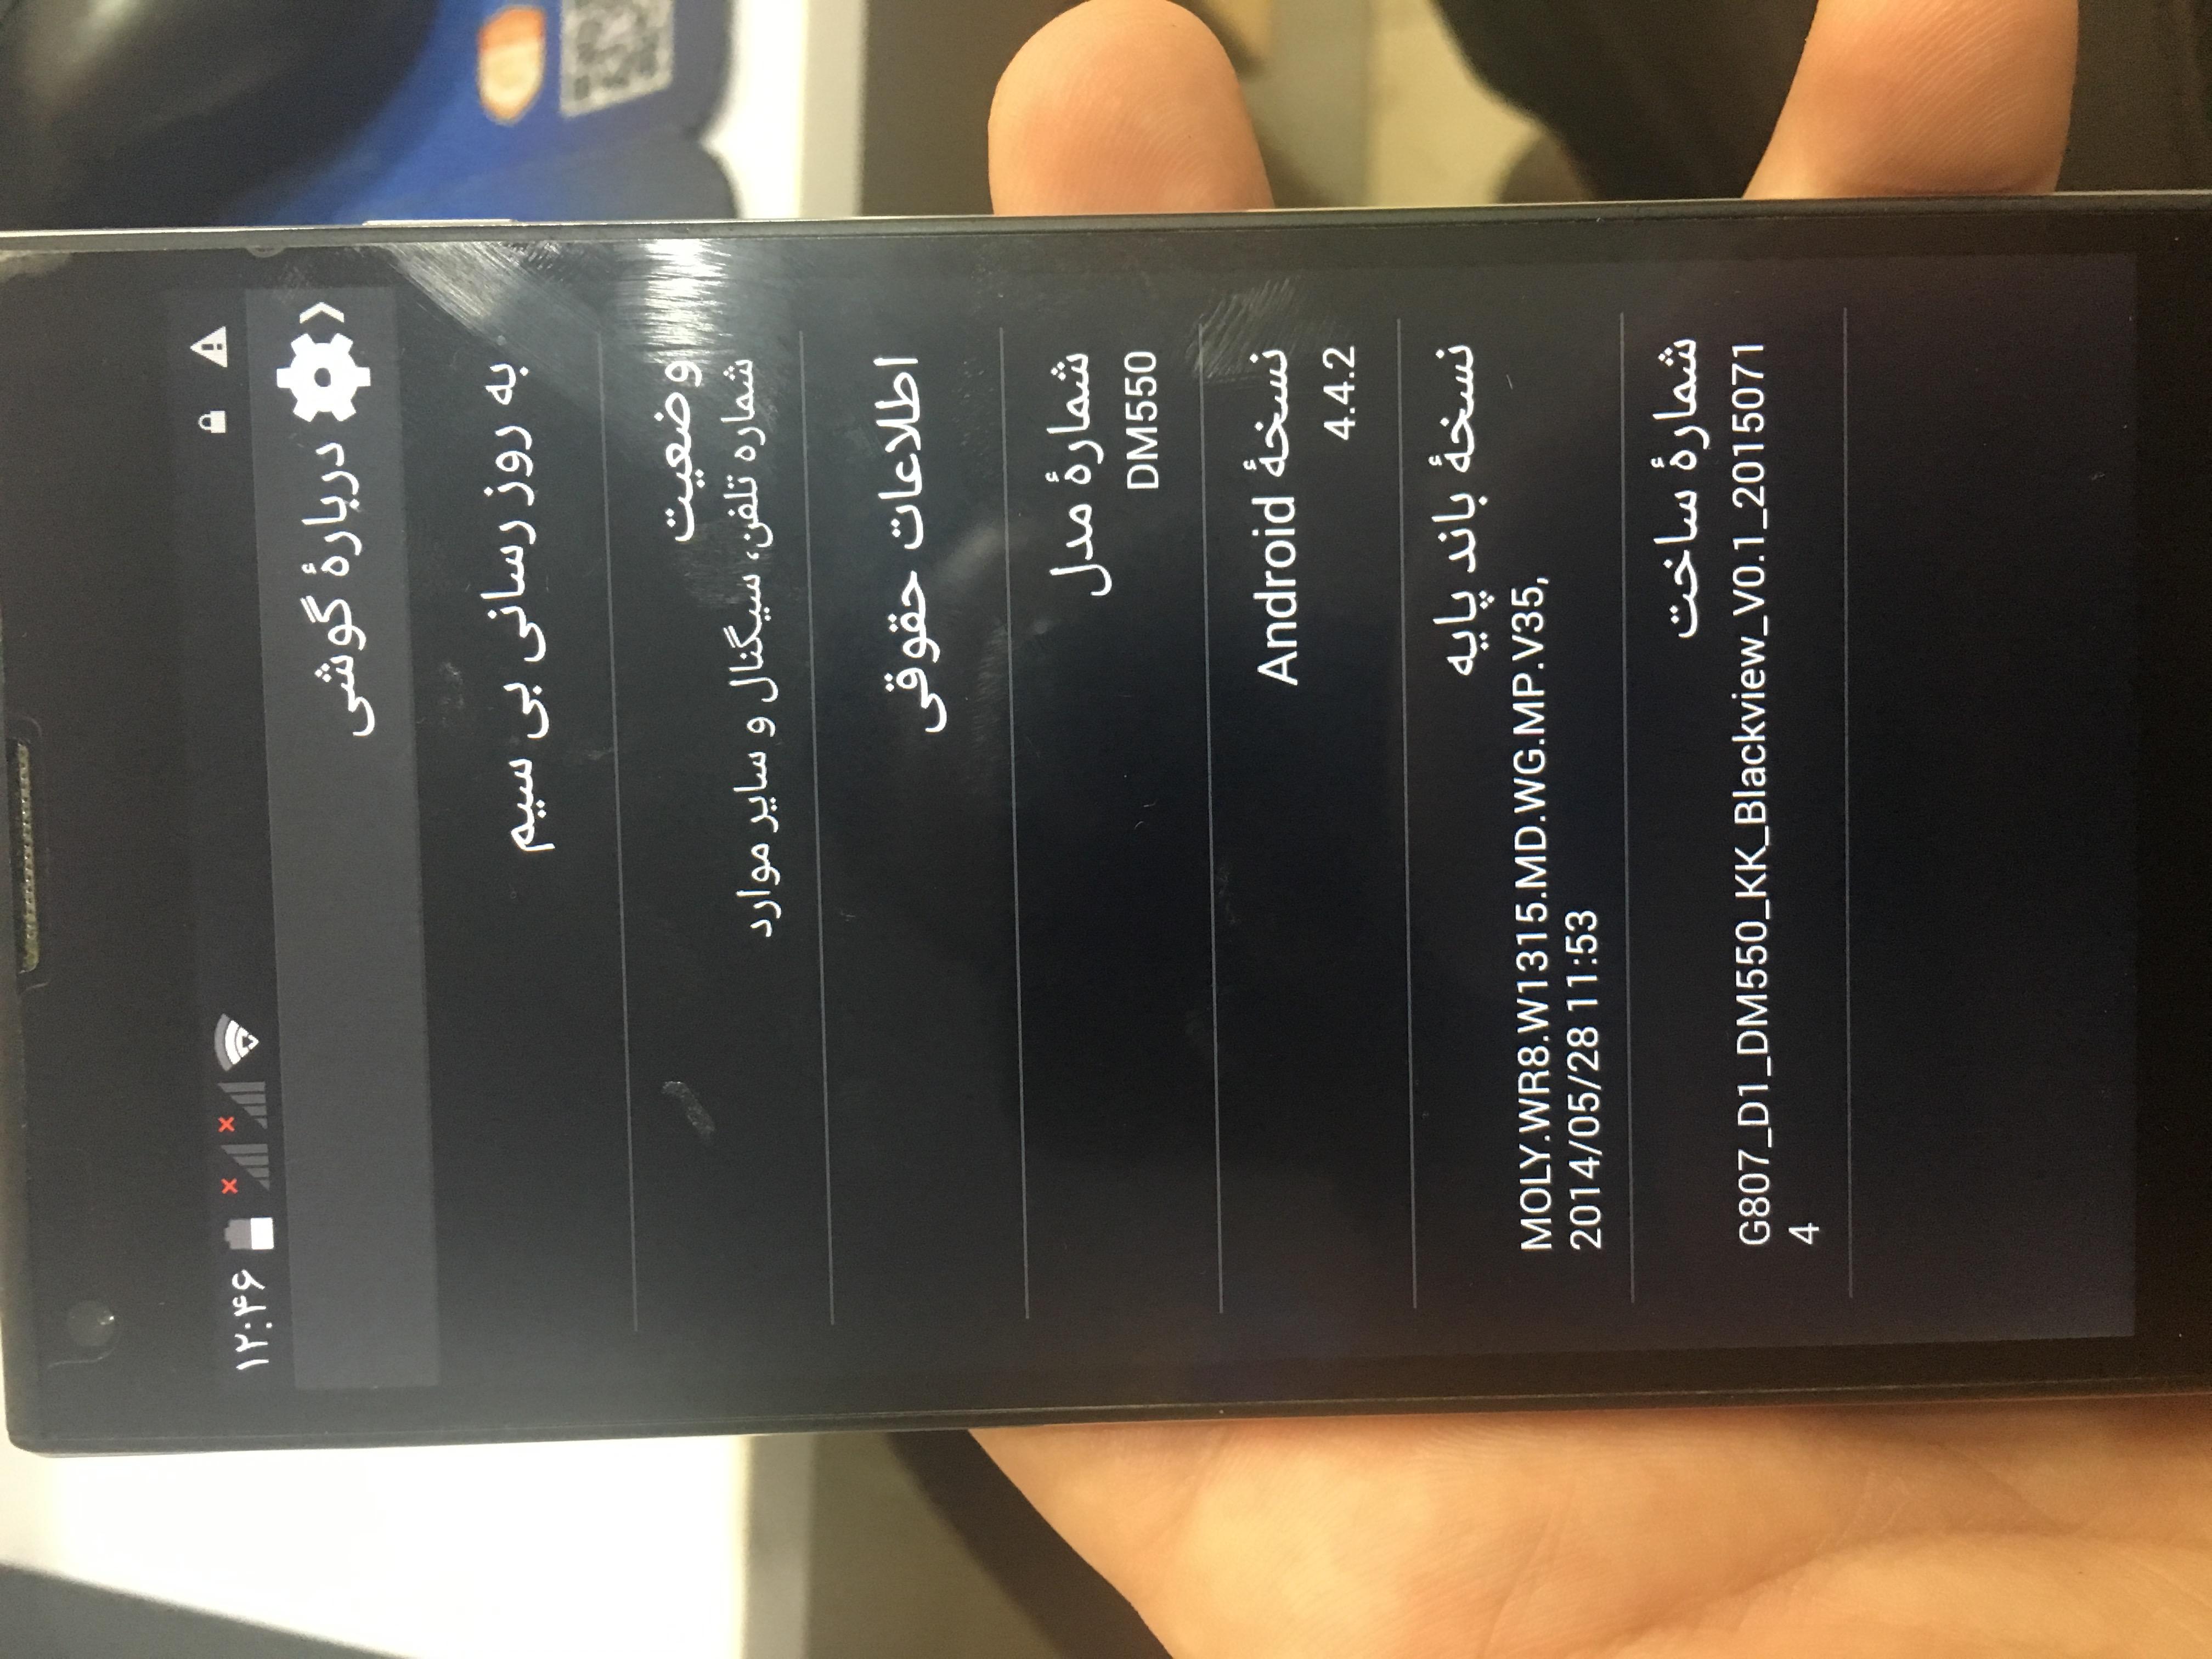 فایل فلش گوشی Blackview DM550 برای حل مشکل ویروس